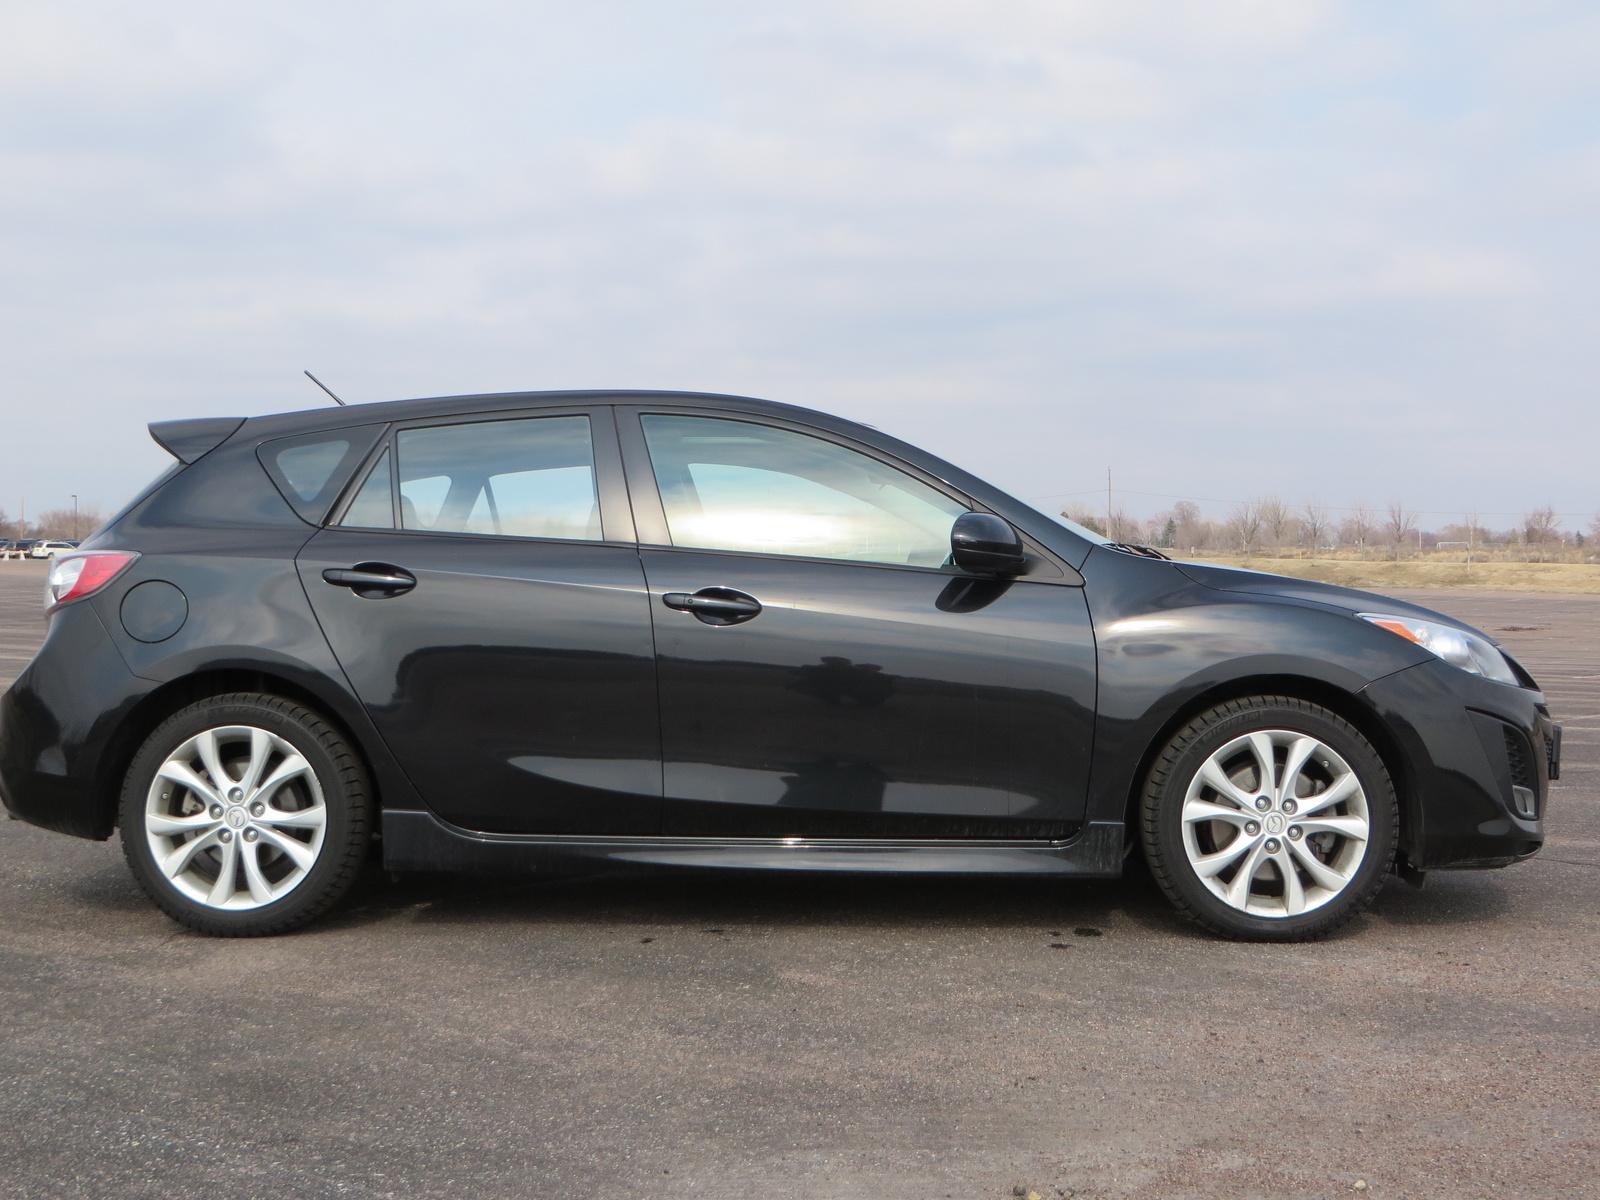 2011 Mazda Mazda3 Pictures Cargurus